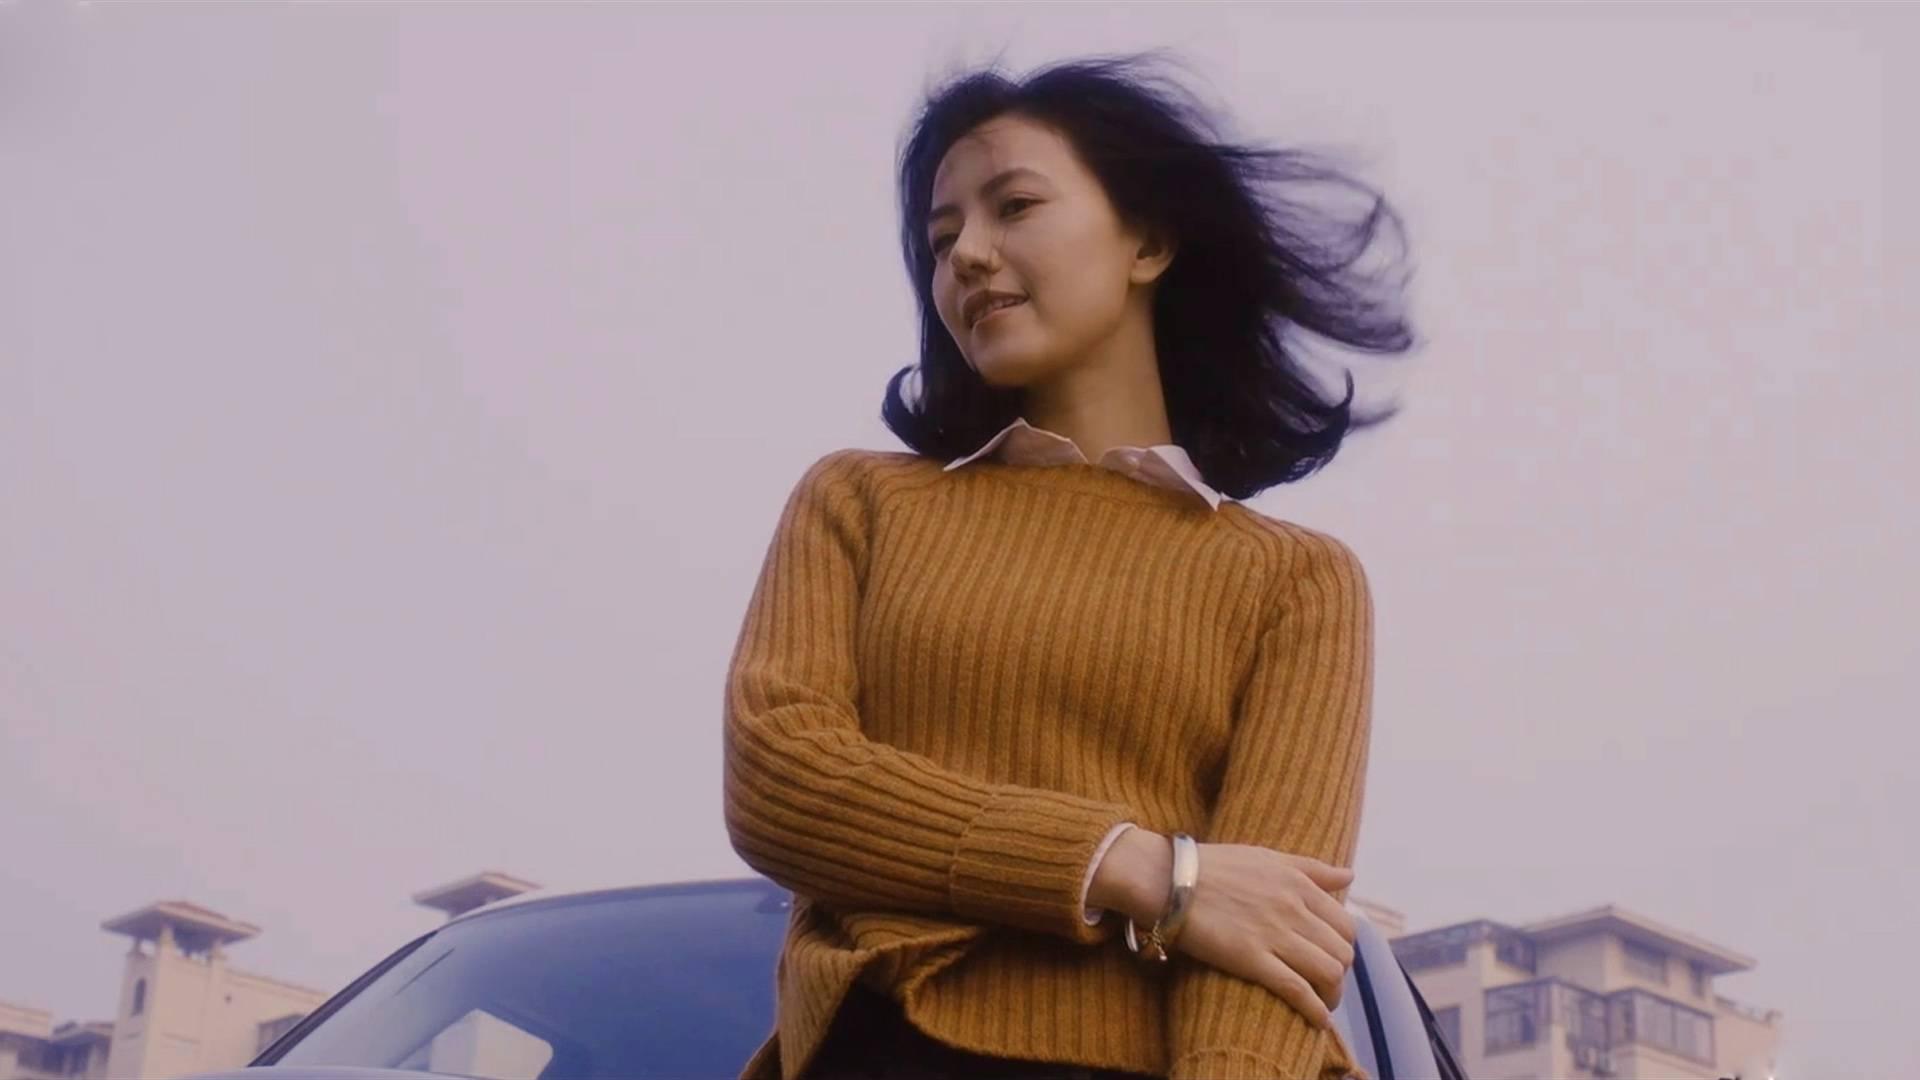 王菲的《致青春》搭配高圆圆个人混剪,网友:美的优雅而深刻